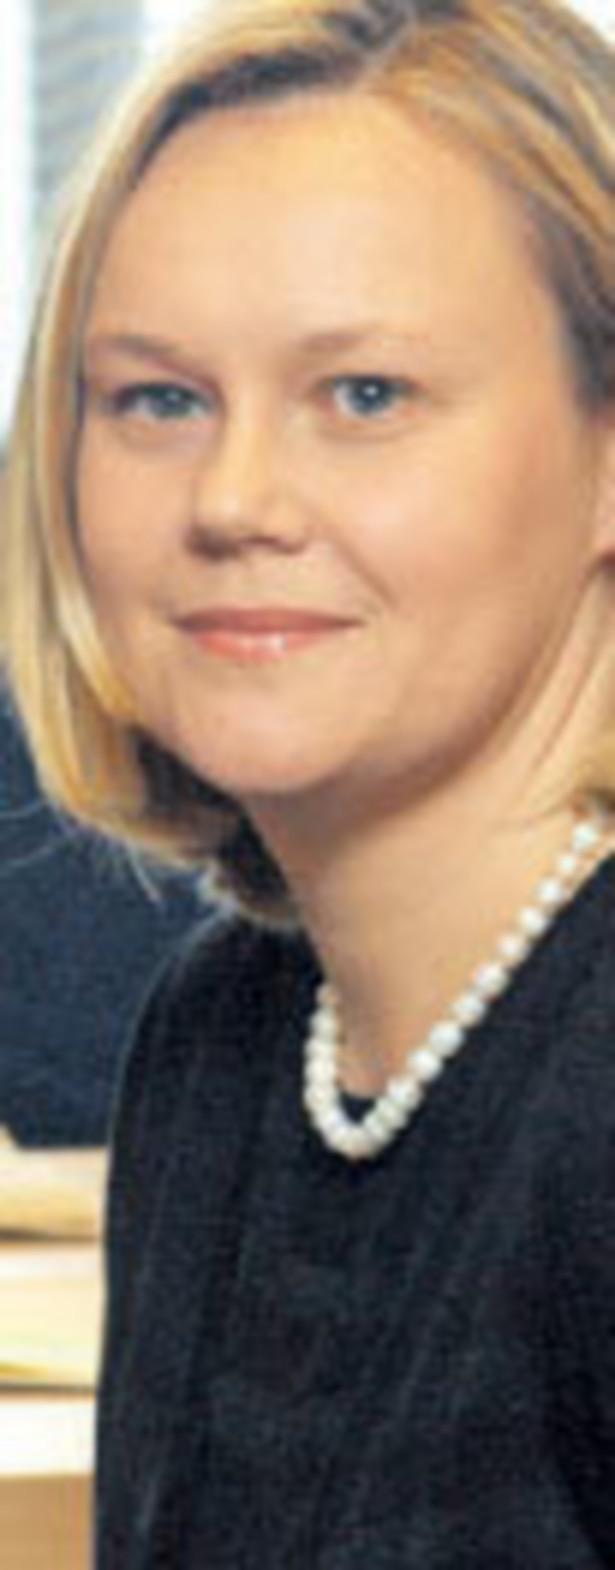 Anna Łukaszewicz-Obierska, radca prawny, partner w WKB Wierciński, Kwieciński, Baehr